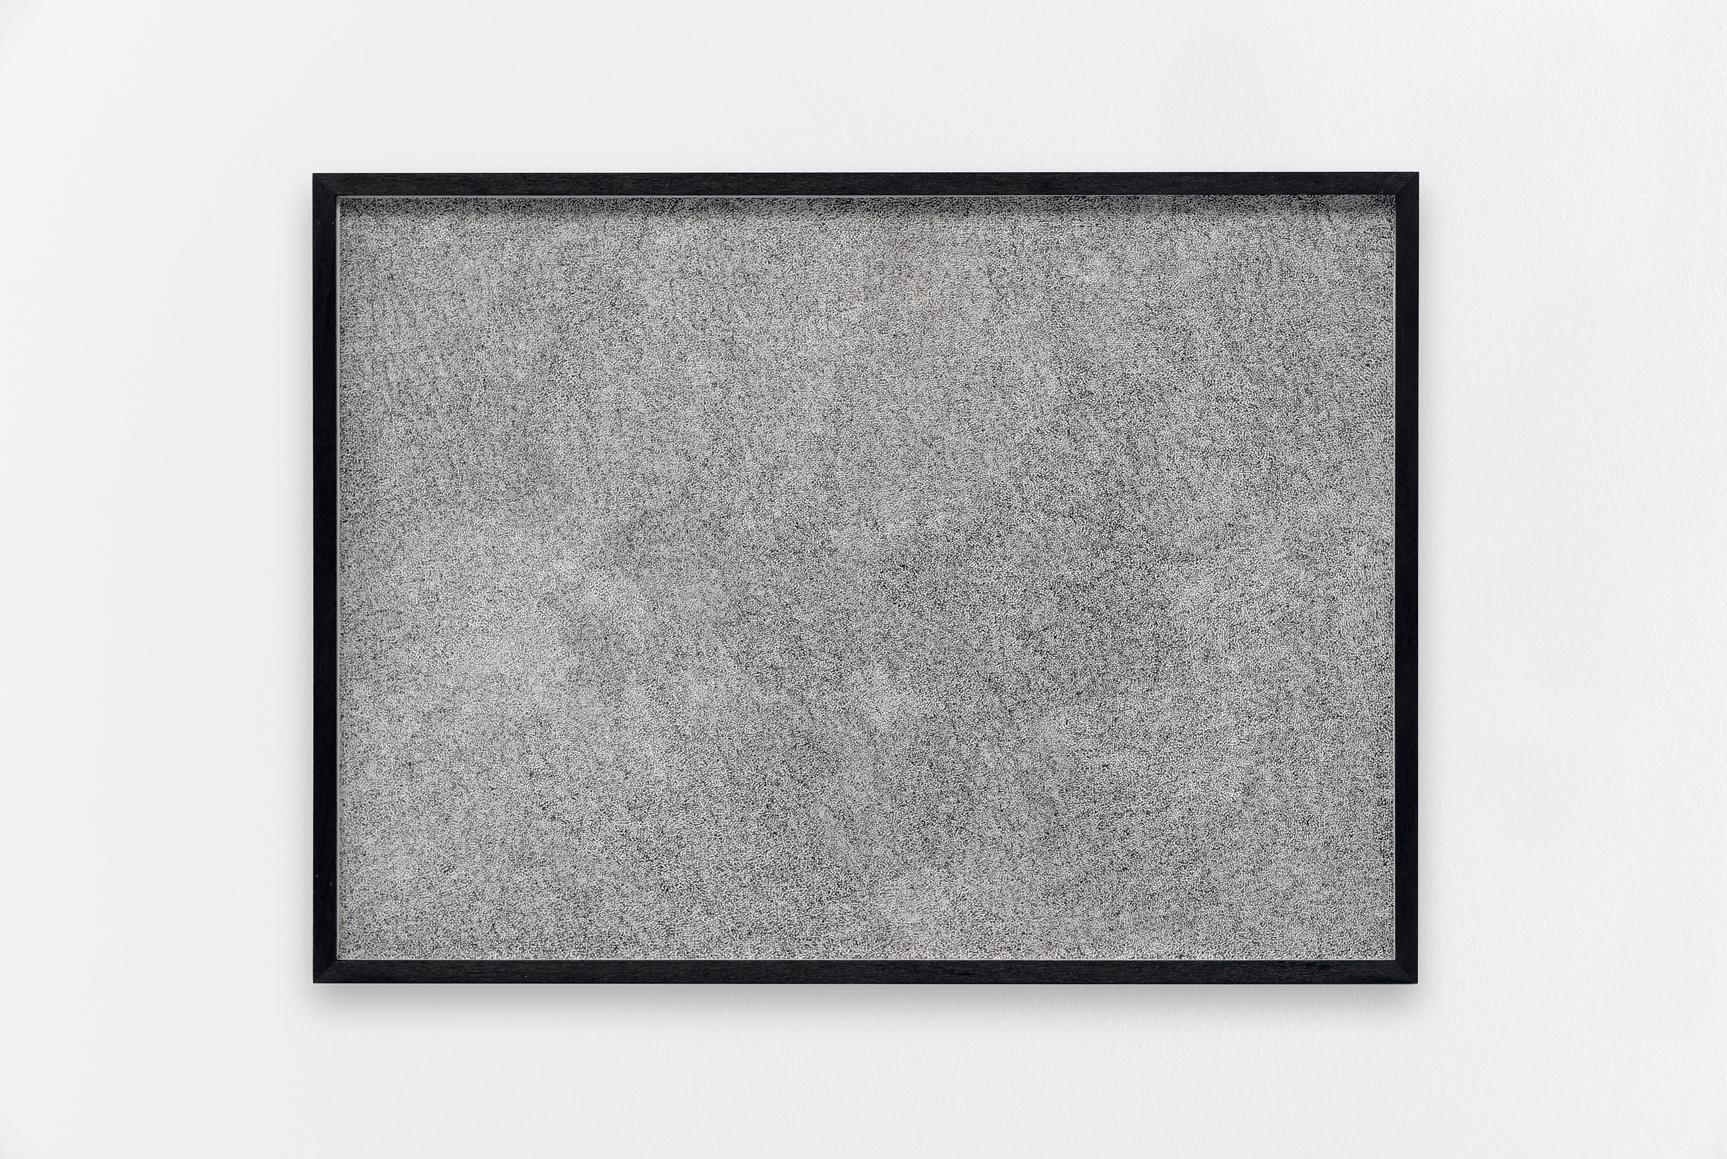 Neige, Antoine Aguilar, 2017, Encre sur papier,   24 x 33 cm (9 ½ x 13 inches)   — Galerie Éric Hussenot, Paris